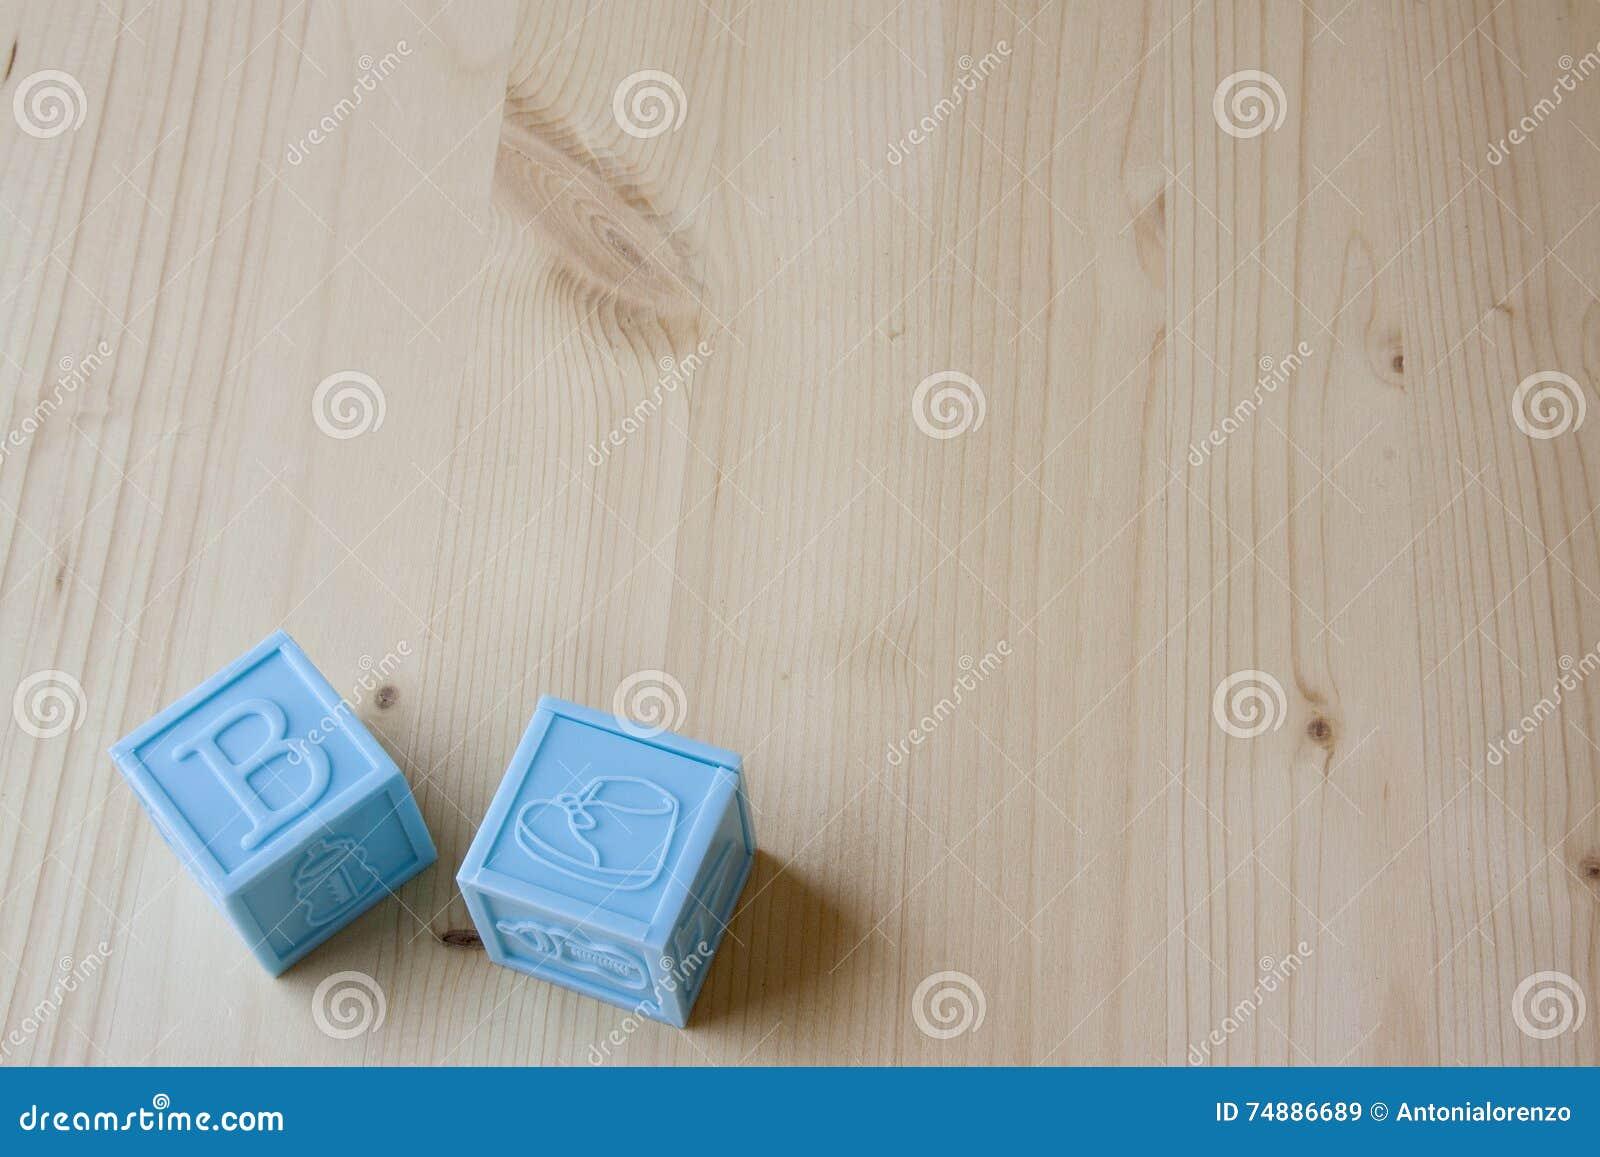 蓝色婴儿块